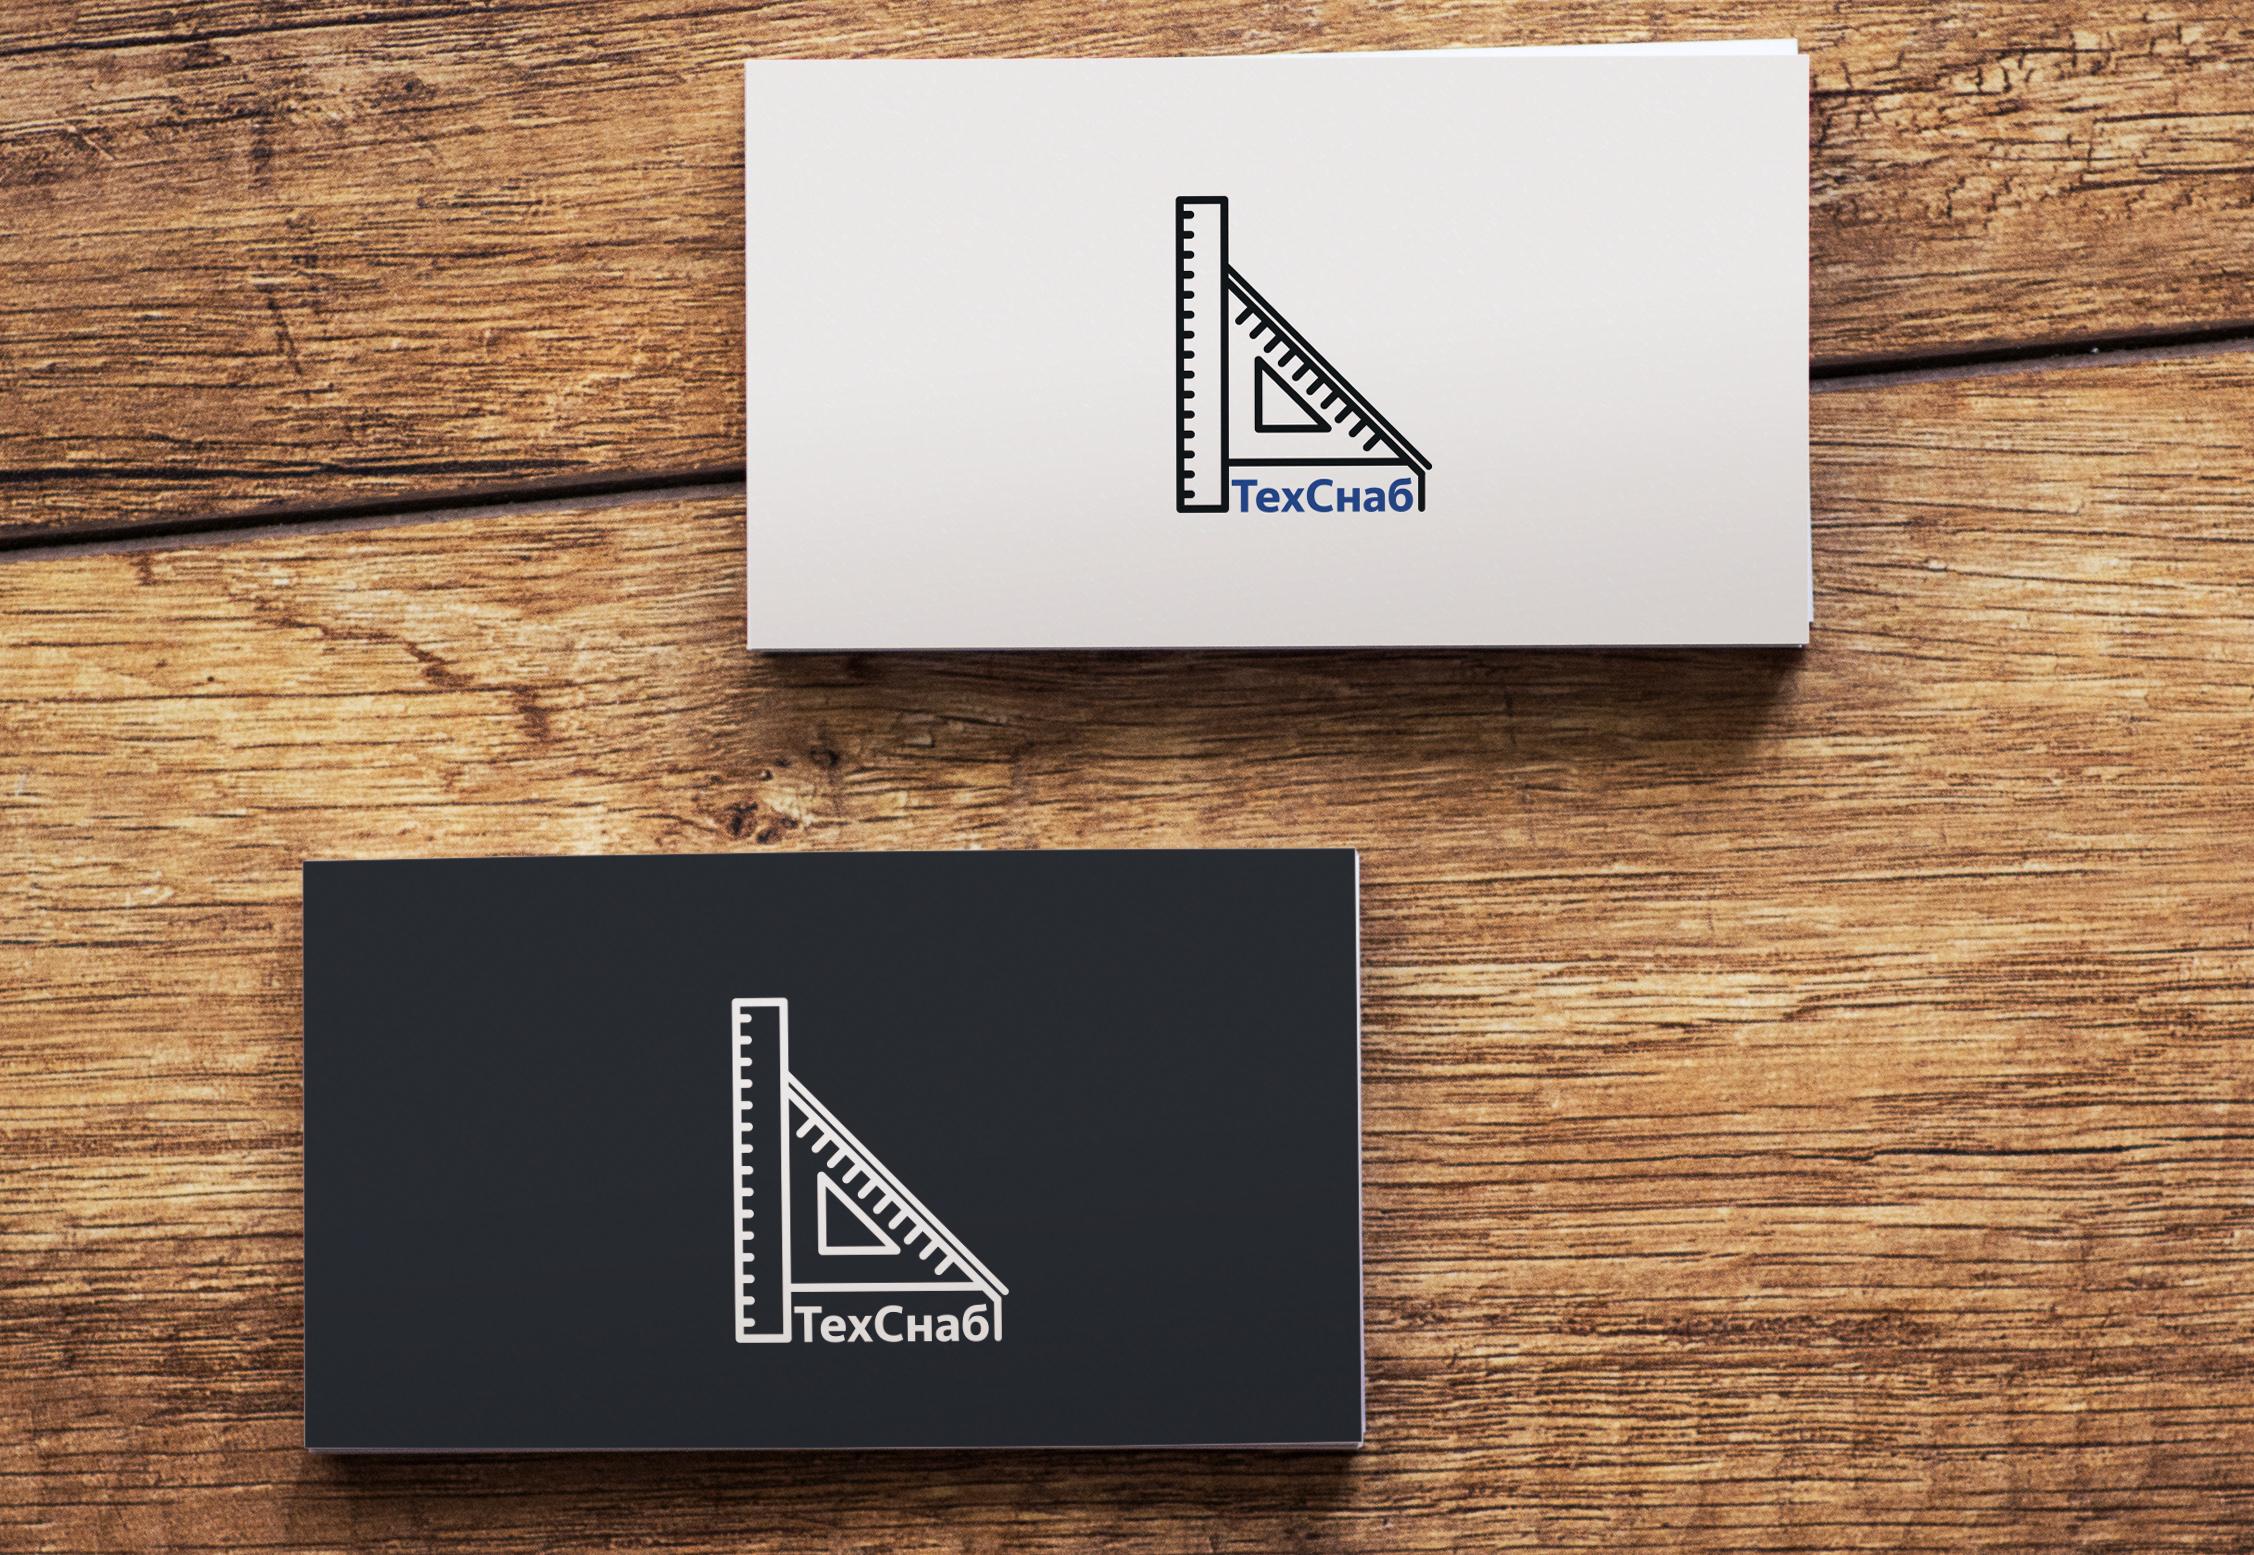 Разработка логотипа и фирм. стиля компании  ТЕХСНАБ фото f_1155b1ad1a3b400a.jpg